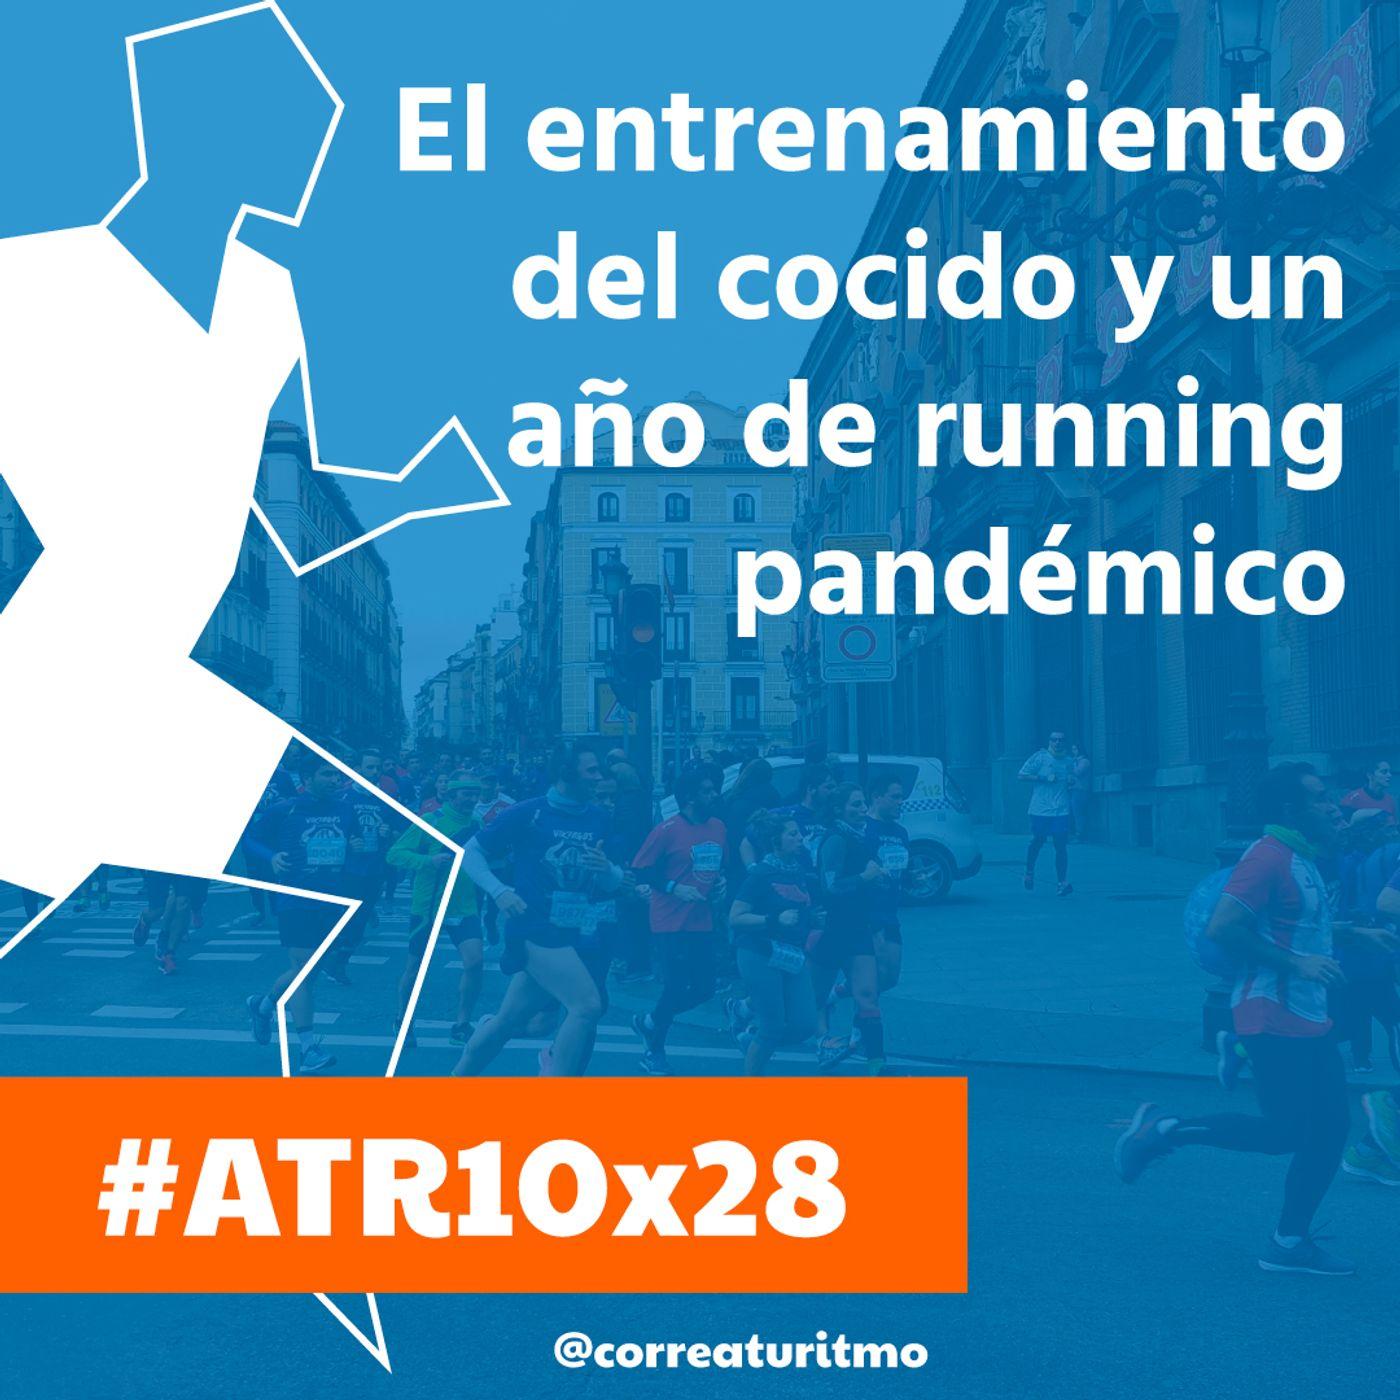 ATR 10x28 - El entrenamiento del cocido y un año de running pandémico